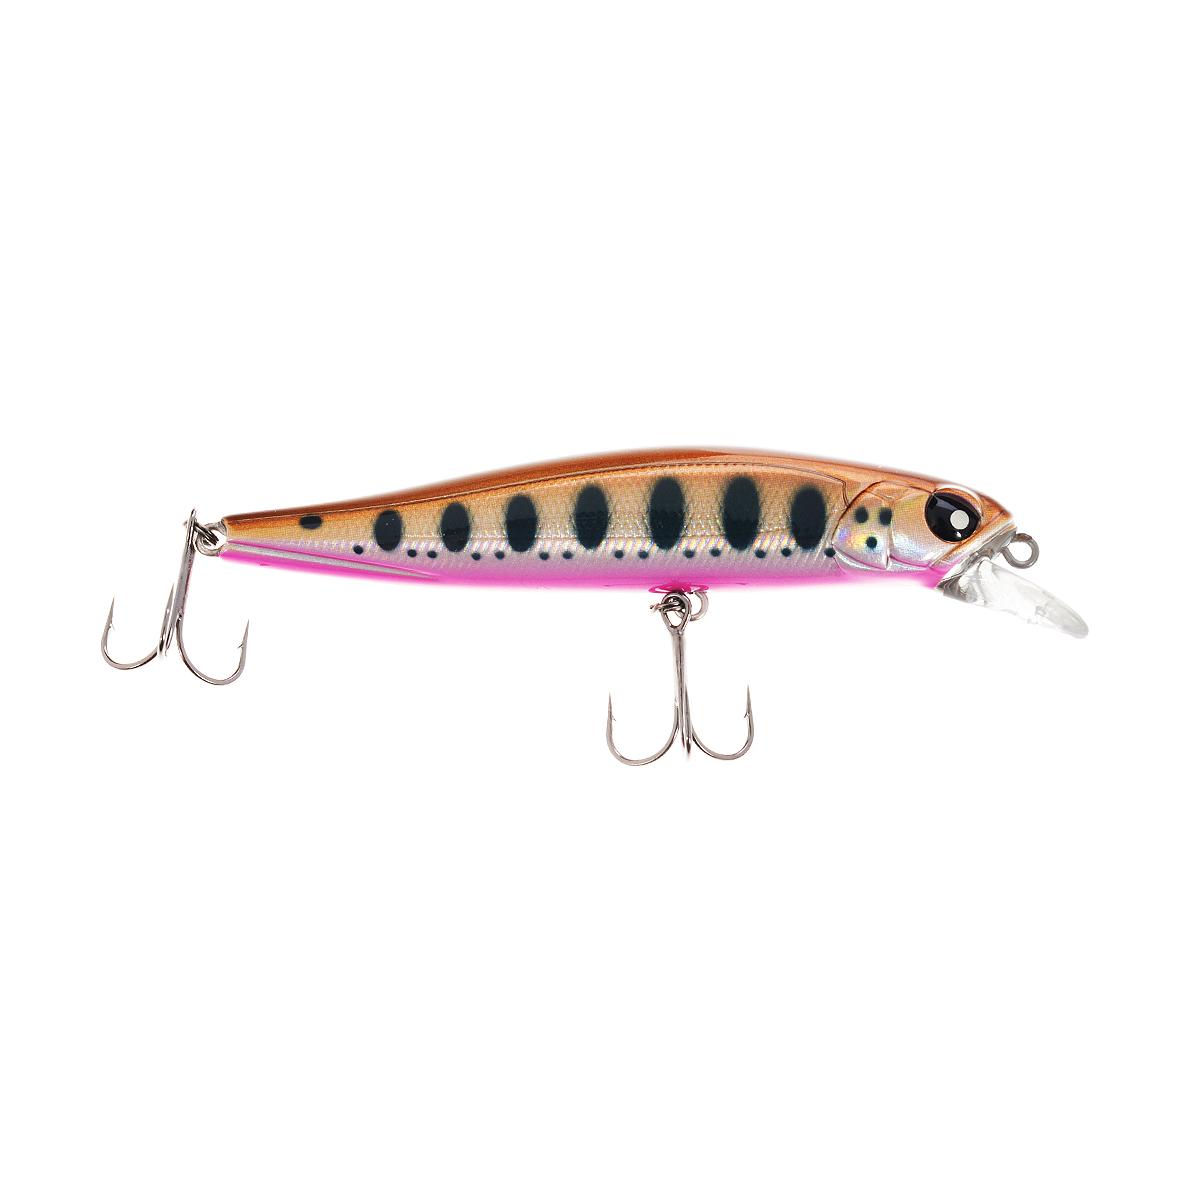 Воблер плавающий Lucky John Basara, цвет: коричневый, черный, розовый, 9 см, 10 г